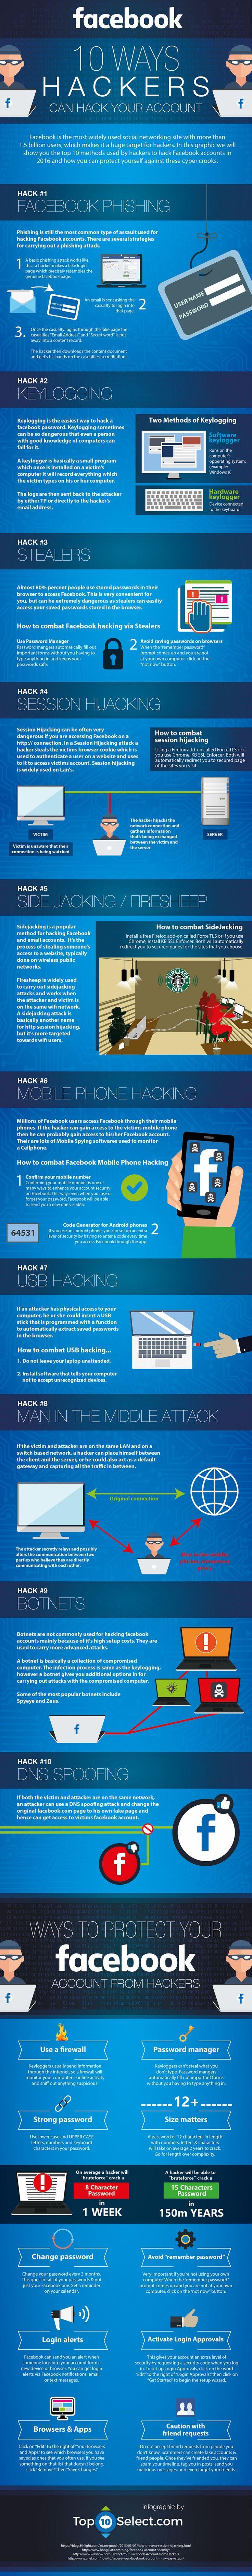 Wie #Hacker ihren Facebook-Account übernehmen und wie Sie sich schützen 10 Ways #Hackers Can Hack Your #Facebook-Account